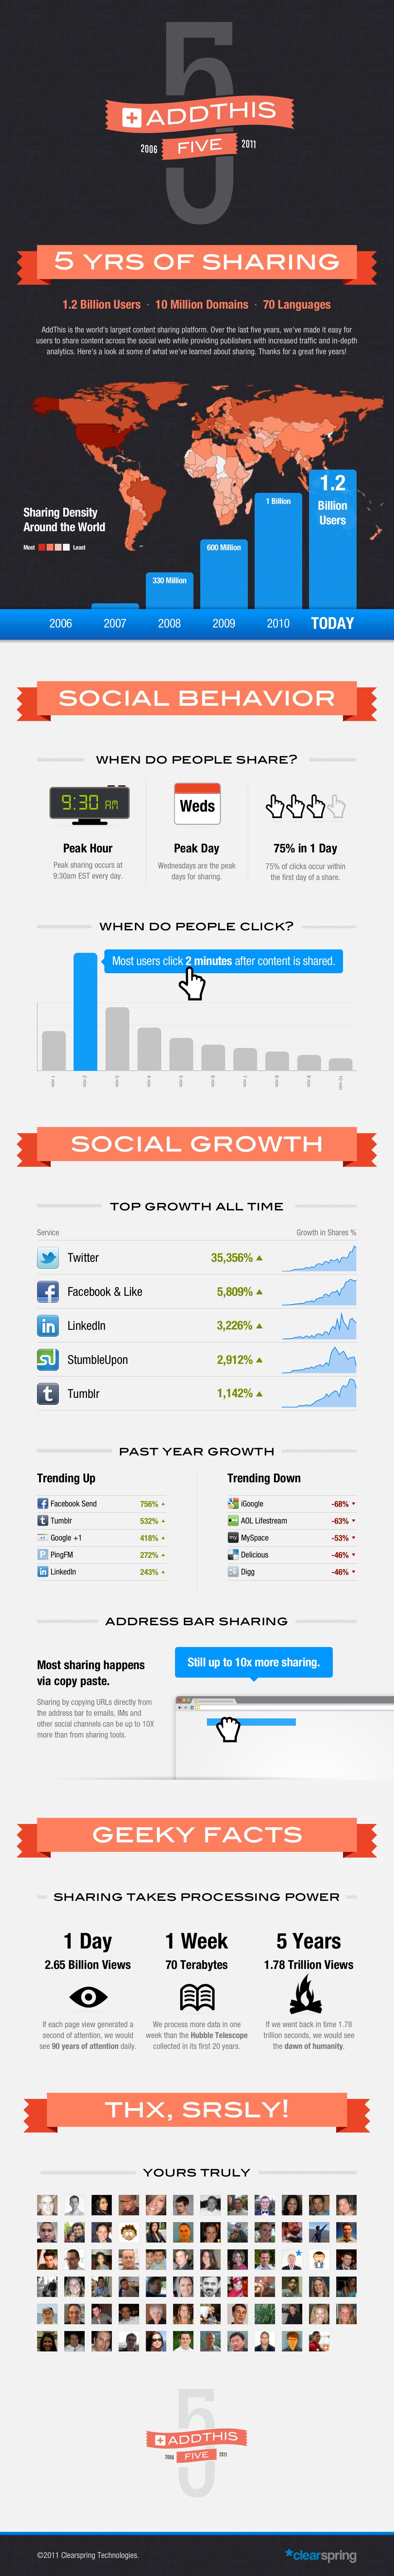 l'evolution du partage de contenu sur 5 ans